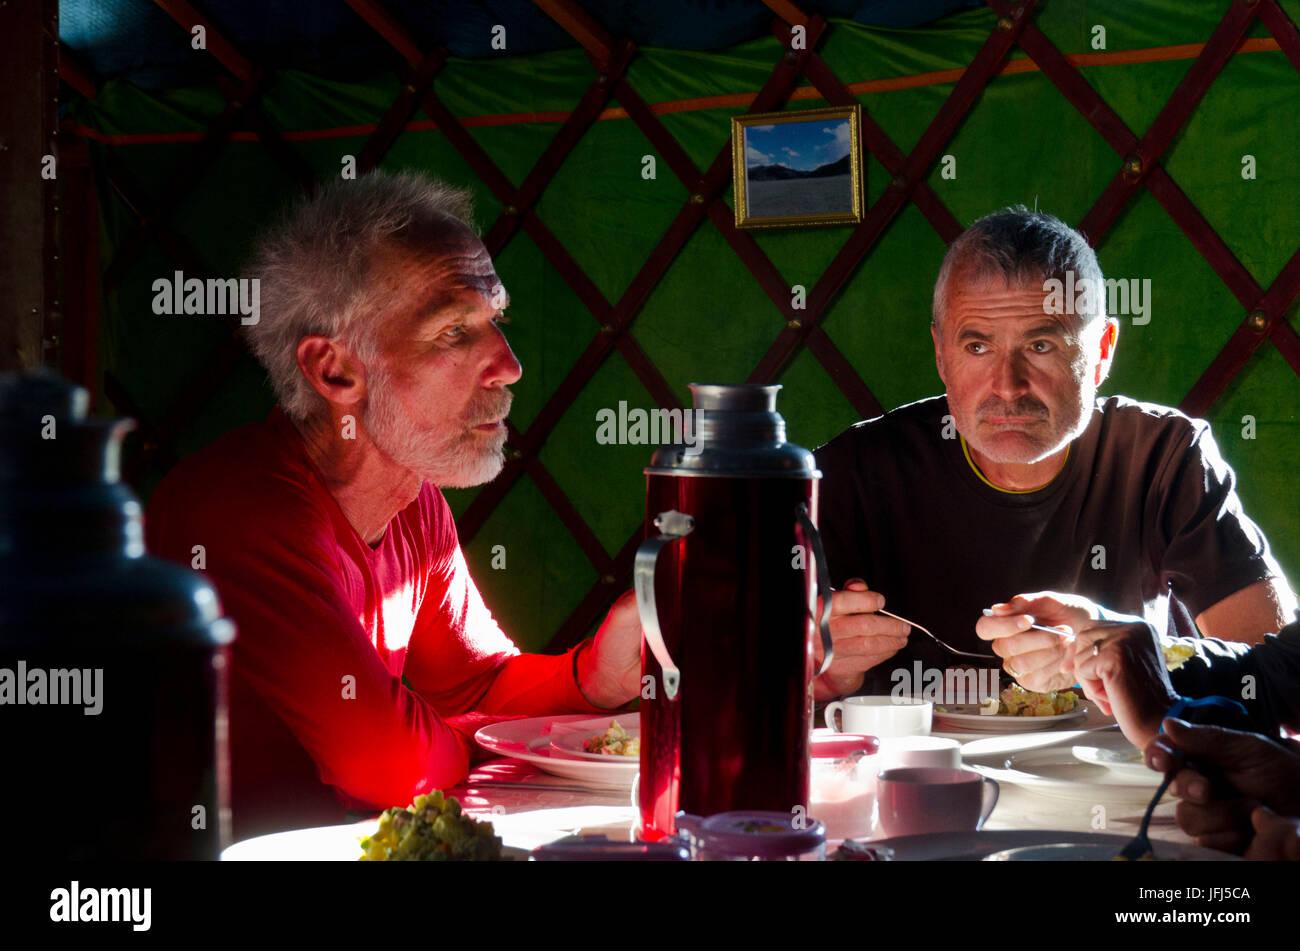 Mongolia, Asia Central, yurt camp en Tsenkher, dos hombres cenando en un yurt Imagen De Stock